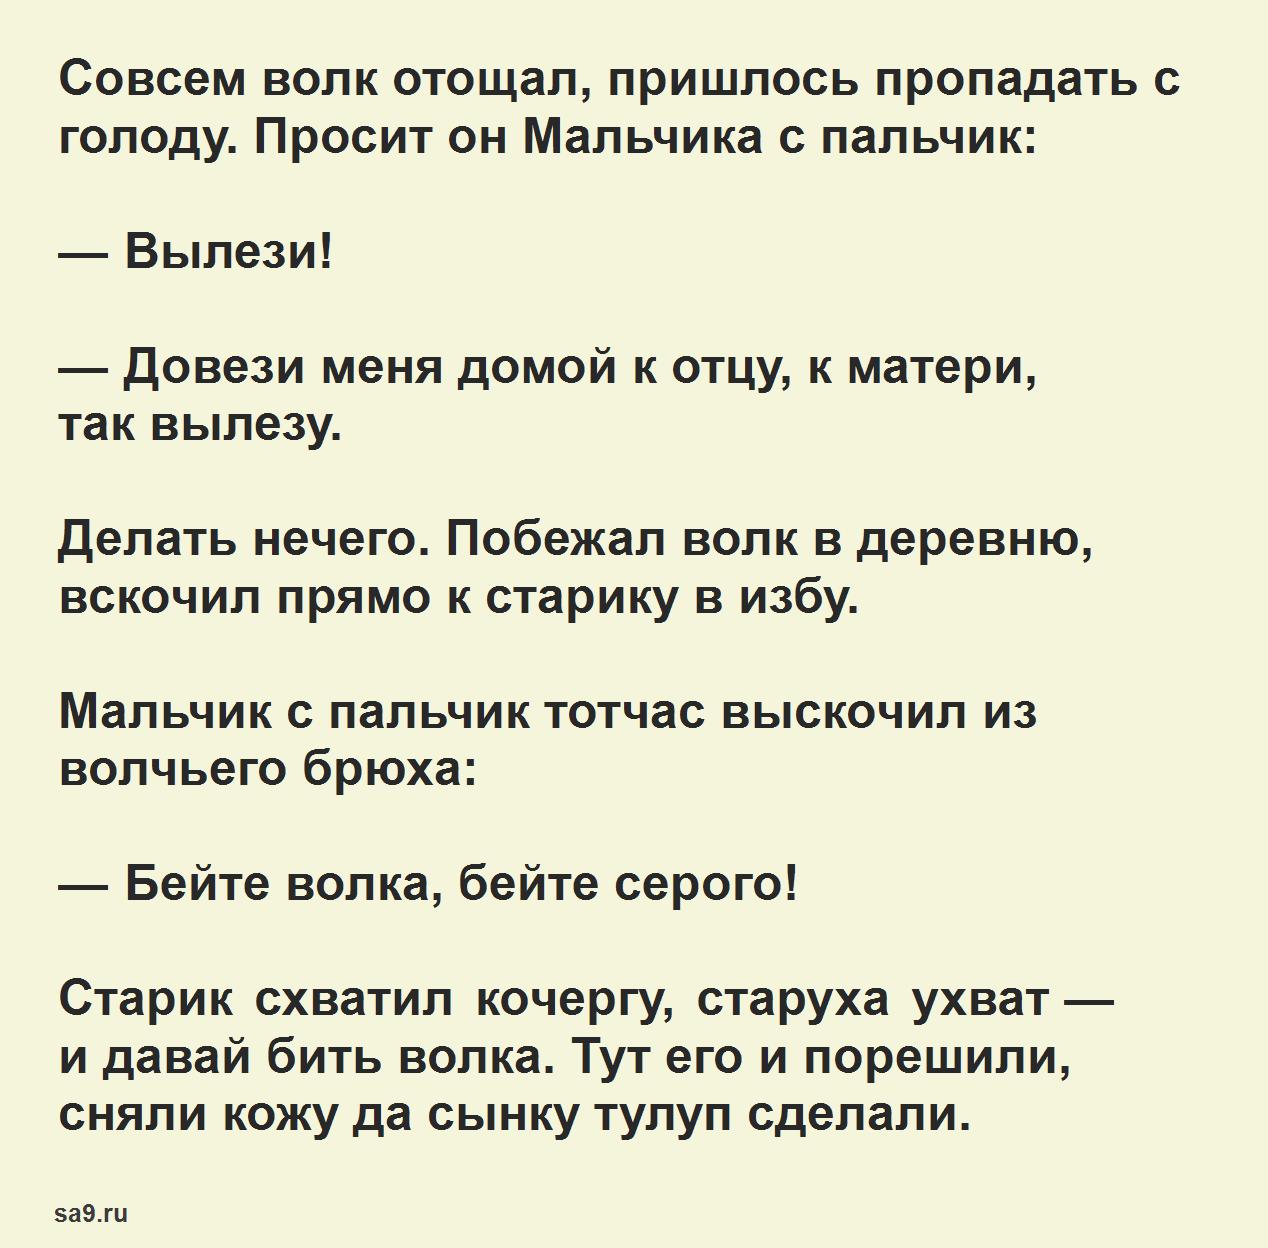 Мальчик с пальчик - русская народная сказка, читать полностью